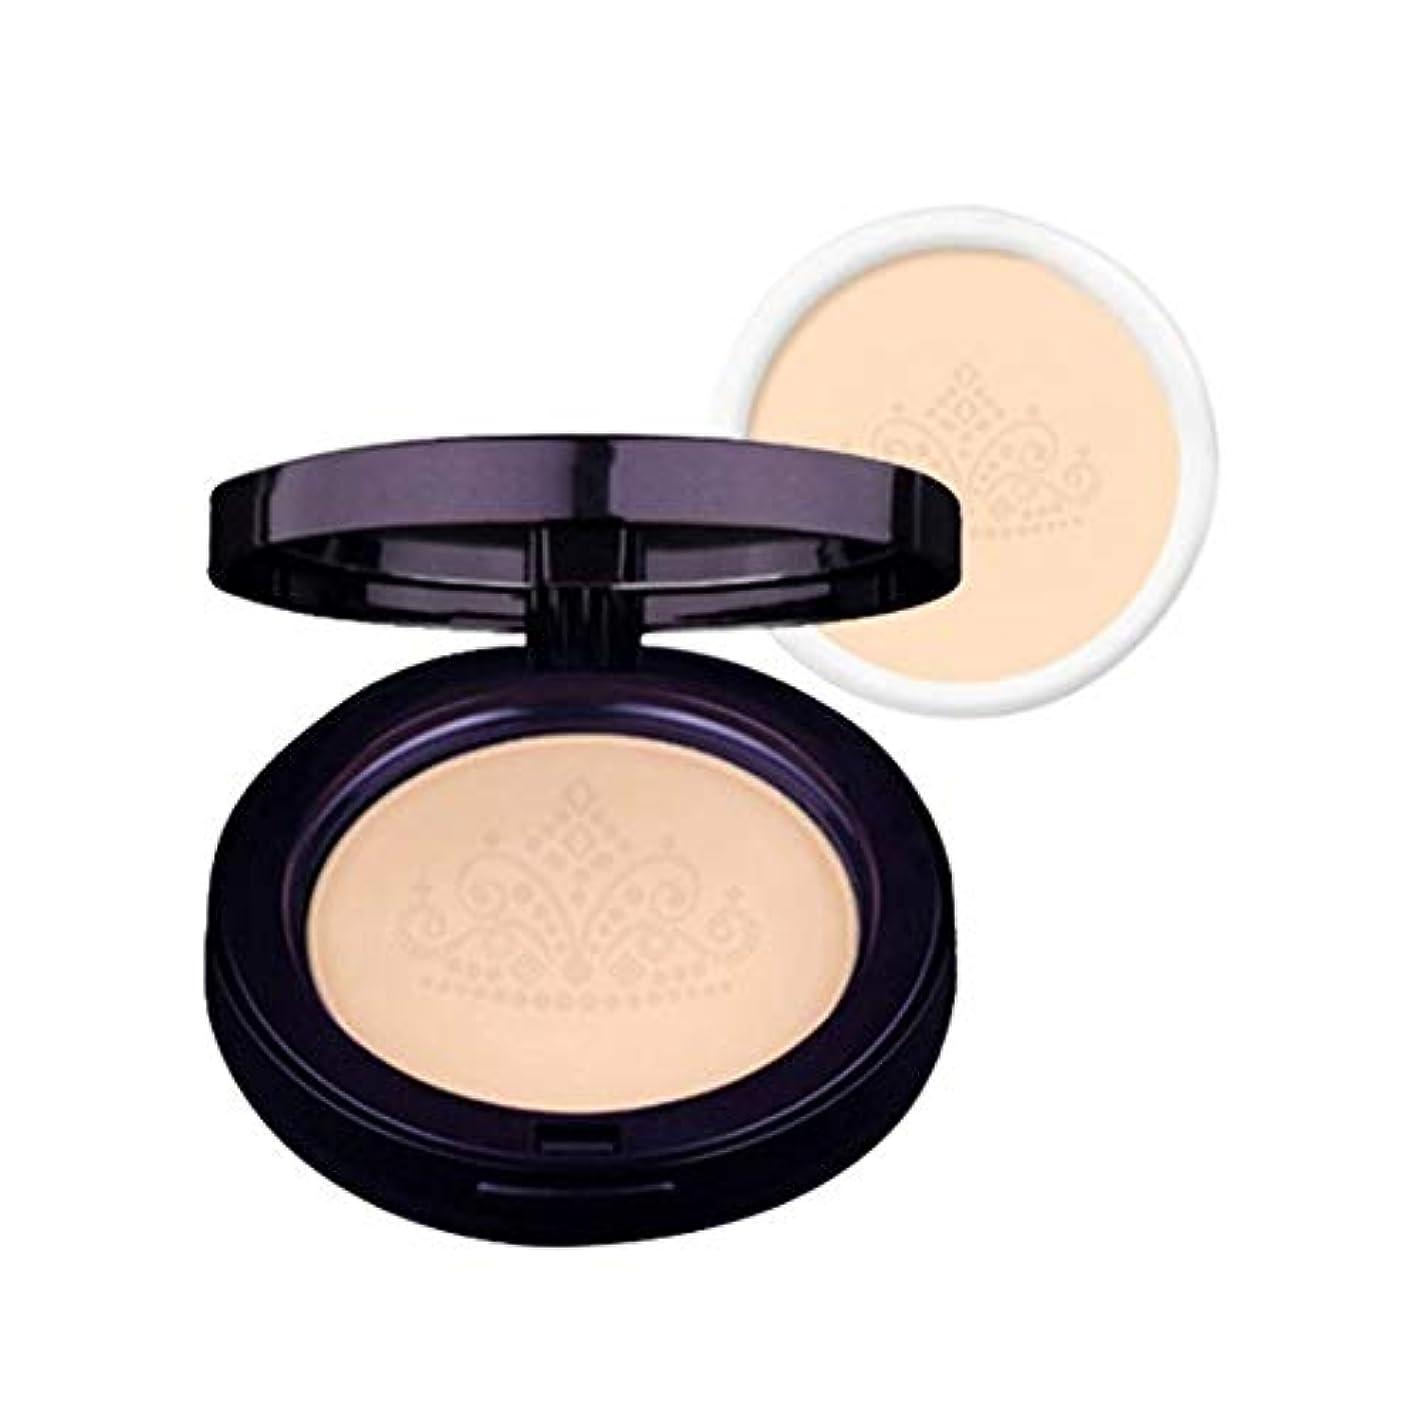 サーフィン座標明快ラクベルクイーンズファクト本品+リピルセット2カラー韓国コスメ、Lacvert Queen's Pact+ Refill Set 2 Colors Korean Cosmetics [並行輸入品] (No. 21)